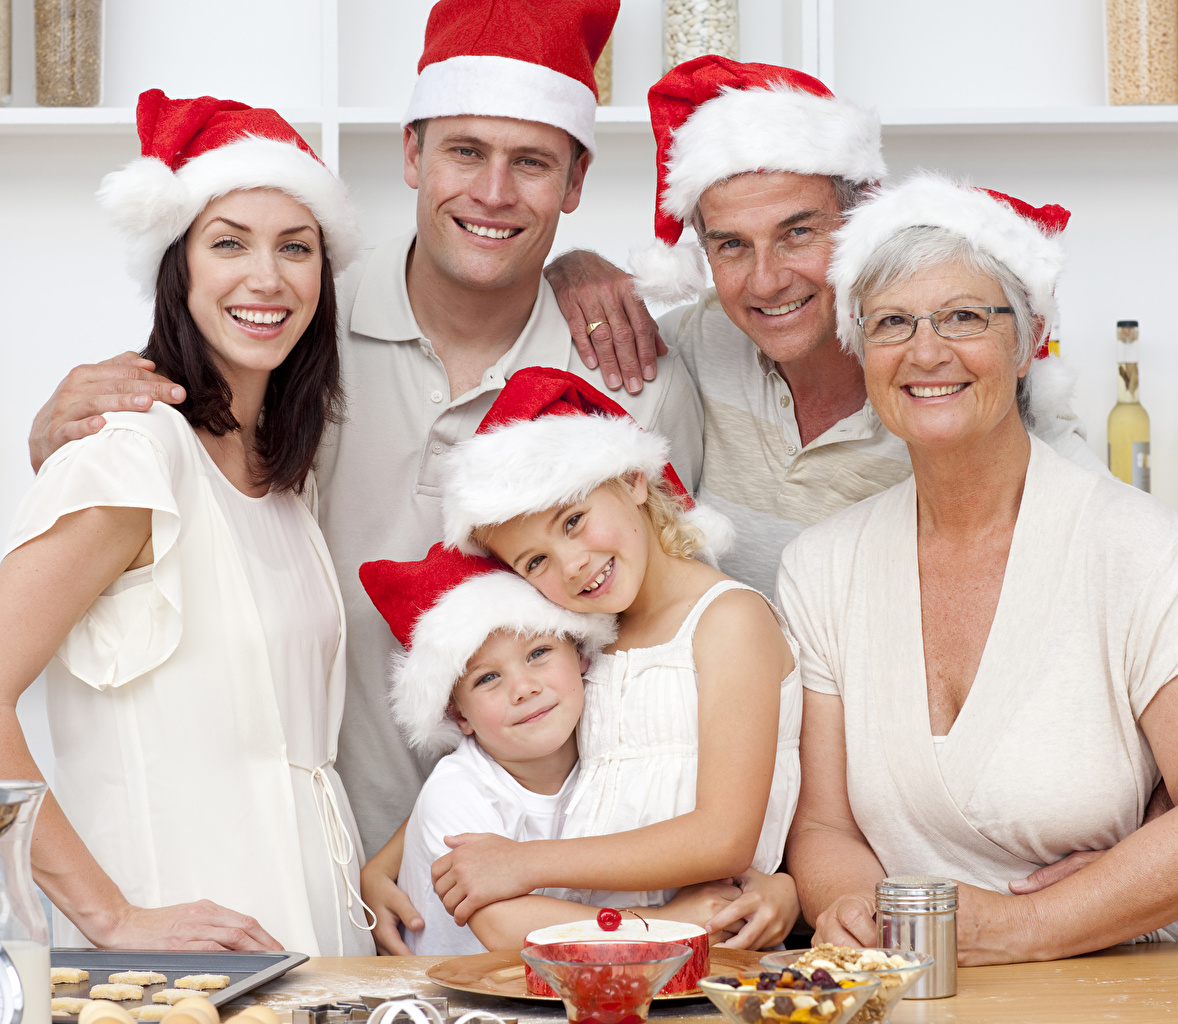 Фотографии девочка мальчик Рождество Мужчины Улыбка Дети шапка молодые женщины Взгляд Девочки Мальчики мальчишки мальчишка Новый год улыбается ребёнок Шапки в шапке Девушки девушка молодая женщина смотрят смотрит